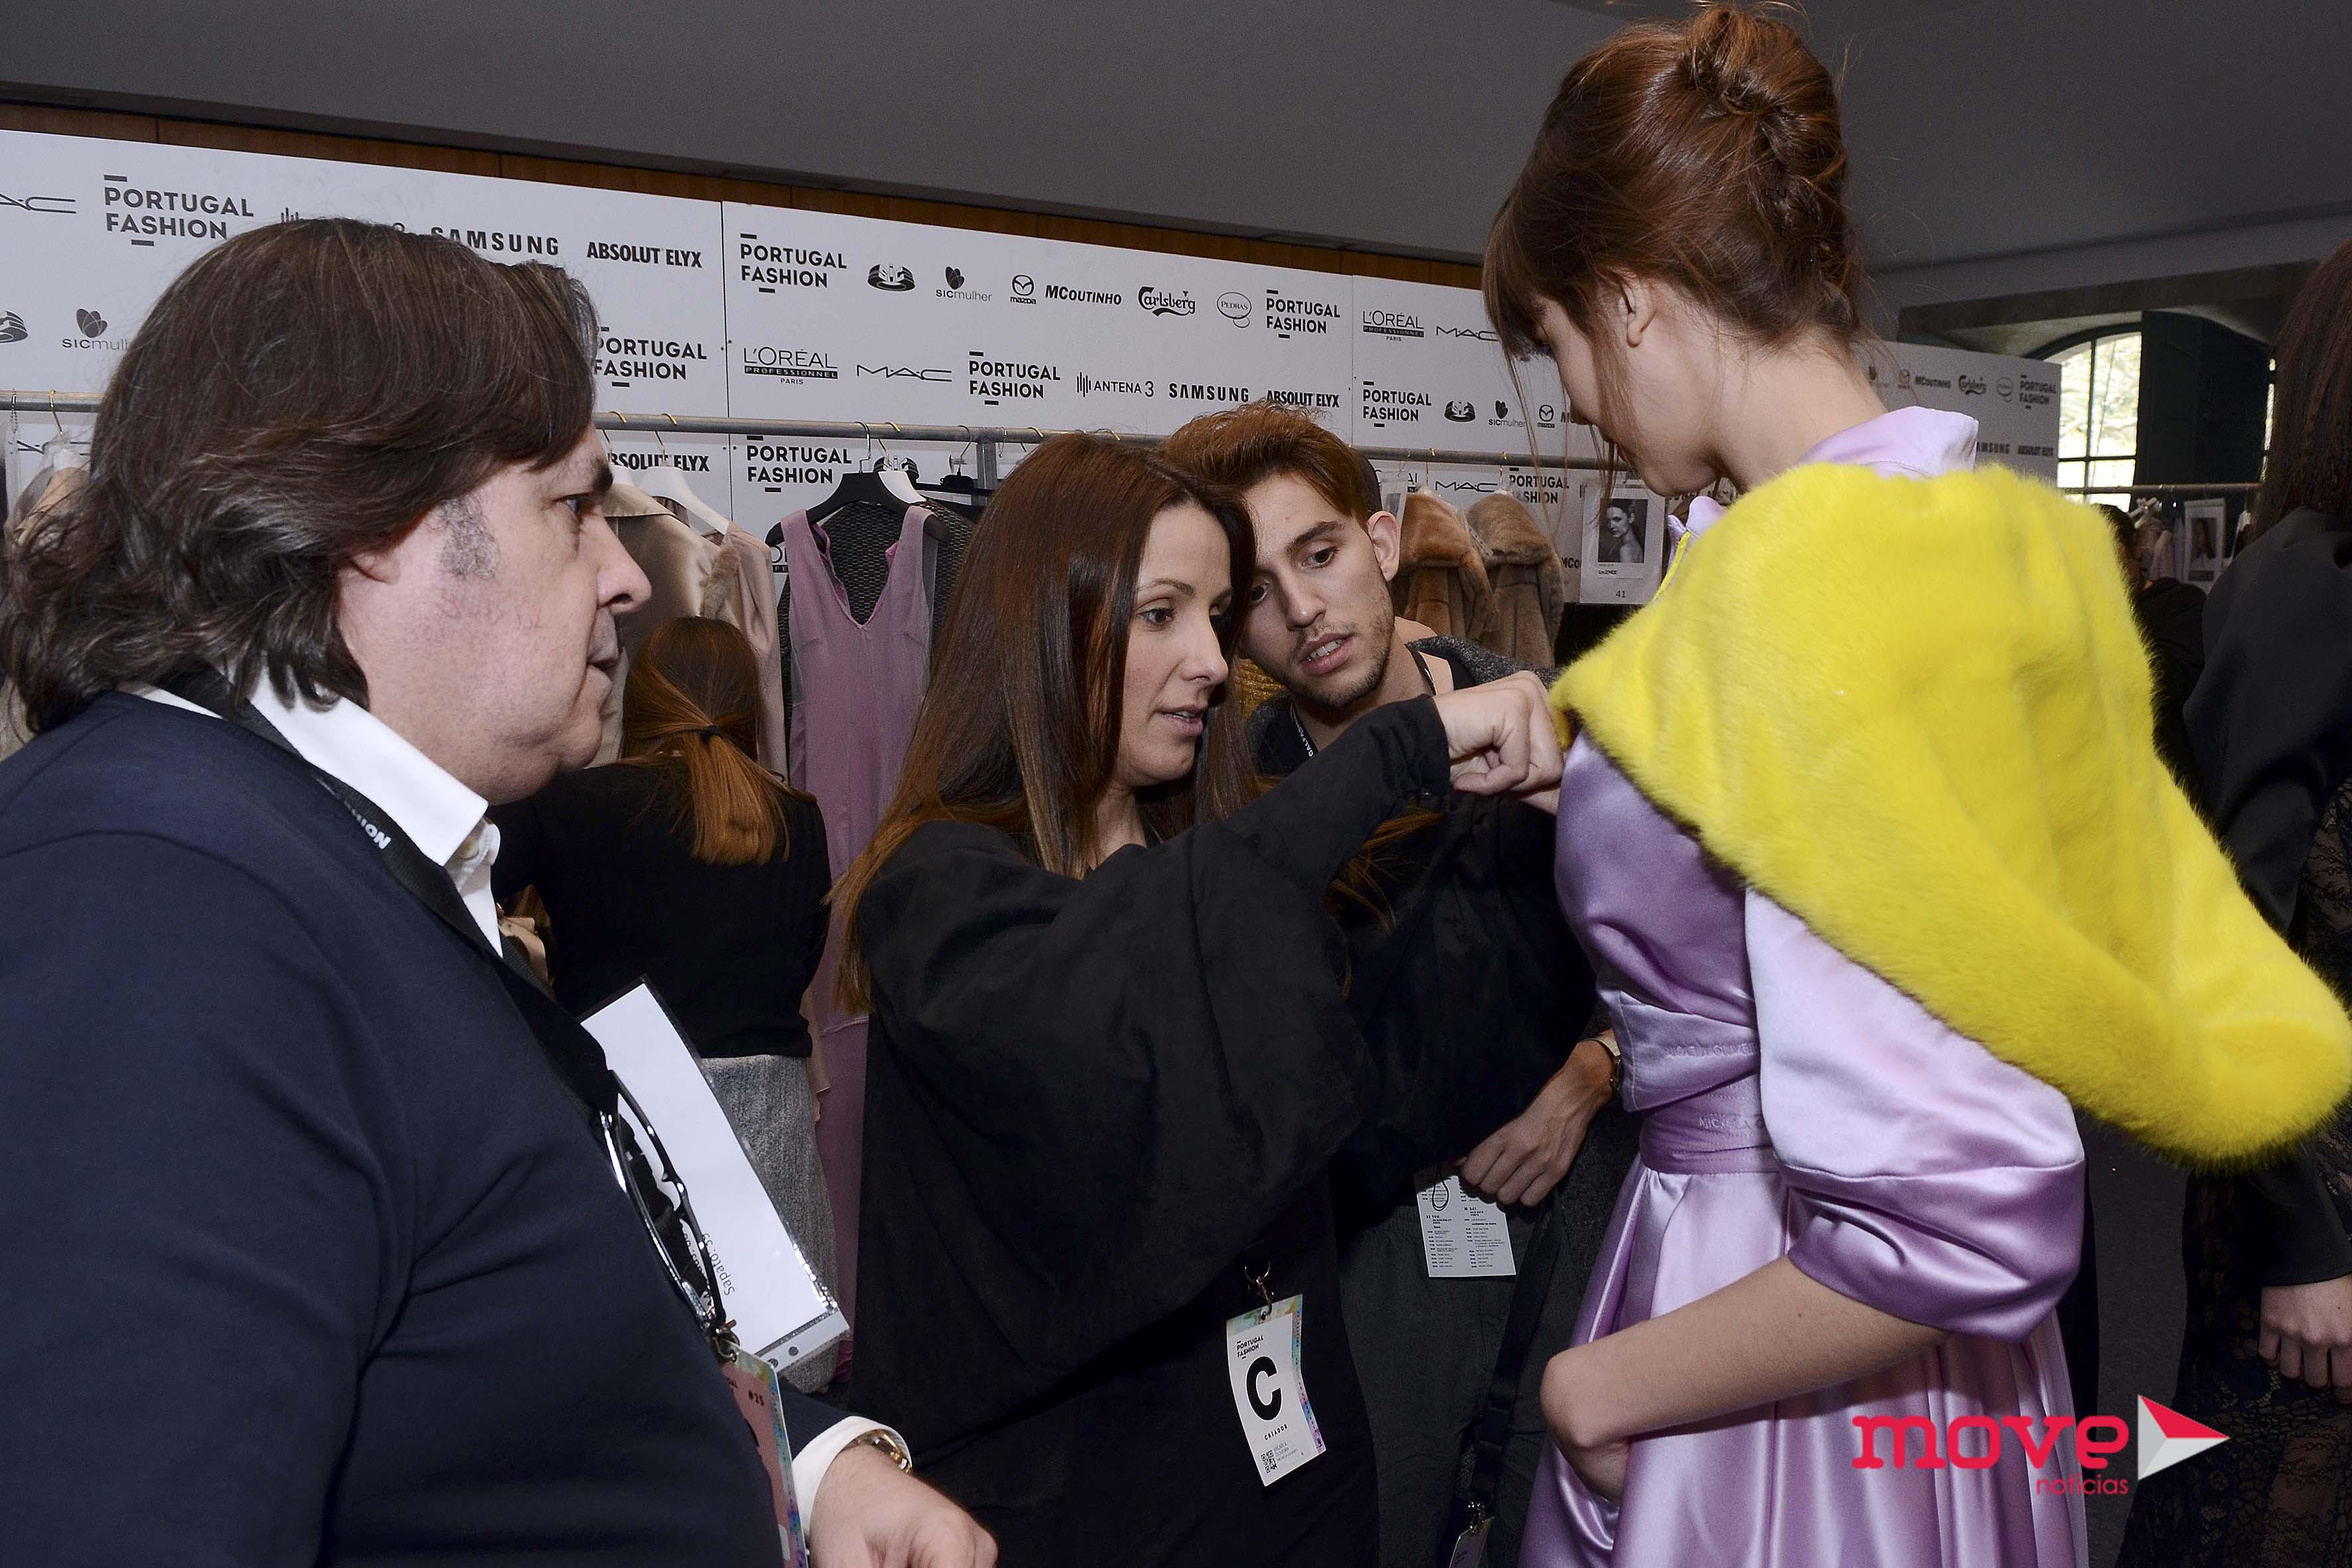 Micaela Oliveira e marido Portugal Fashion